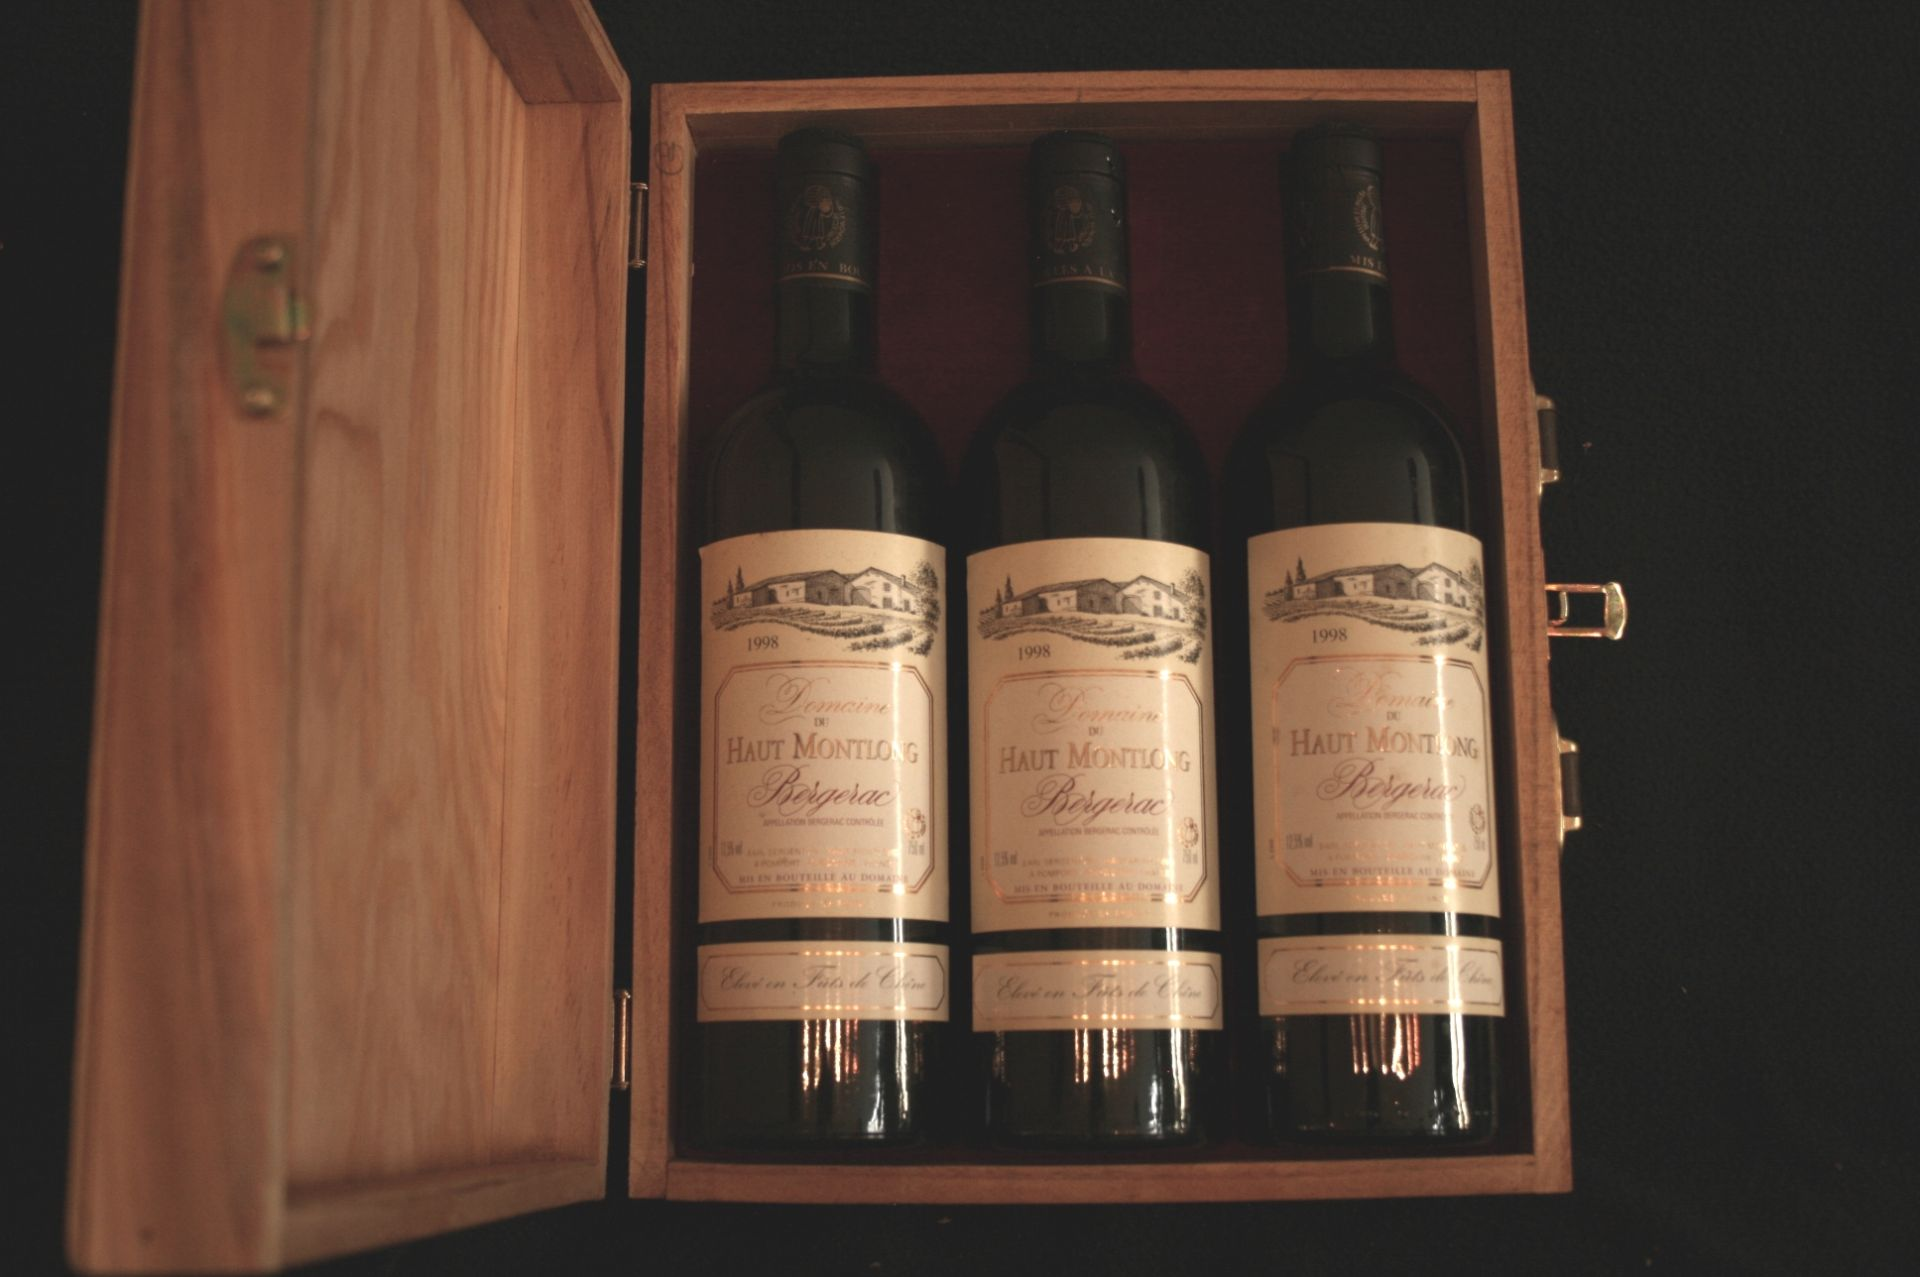 Los 39 - Coffret en bois contenant 3 bouteilles de BERGERAC, Domaine du Haut Montlong, rouge, [...]